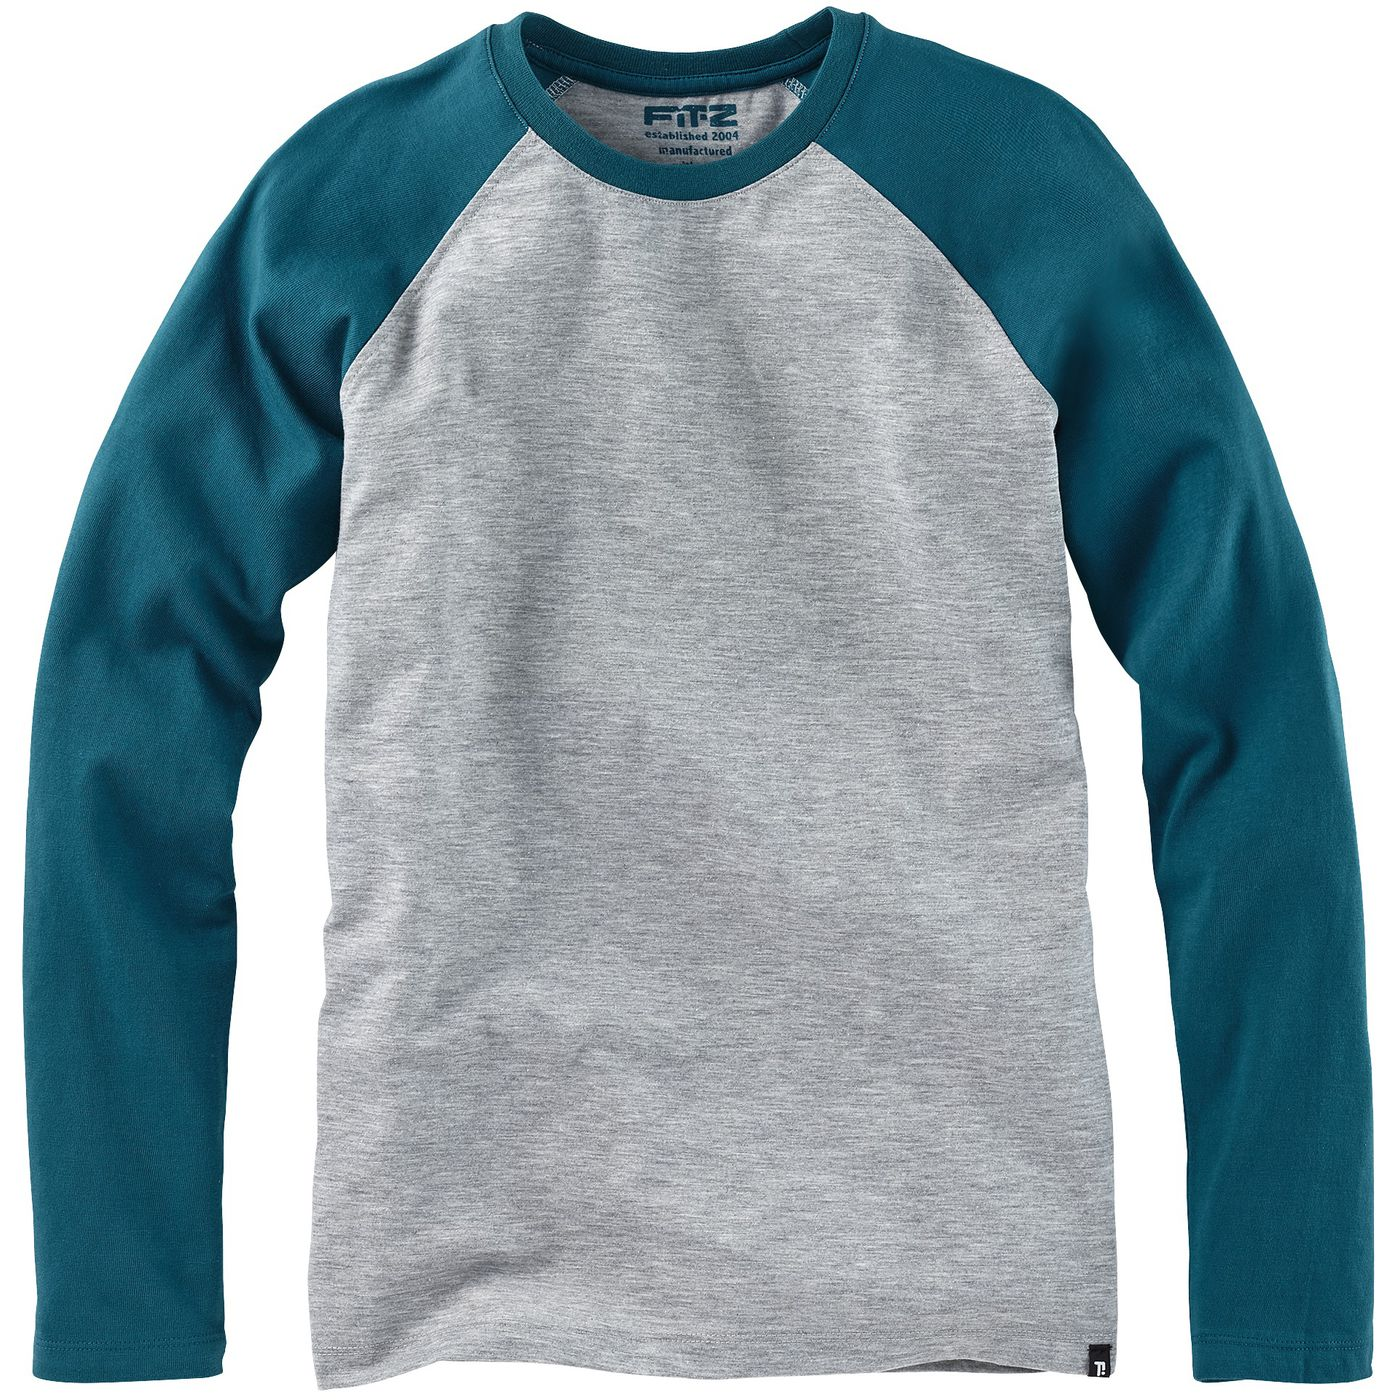 Мальчики длинный рукав Рубашки контраст FIT‑Z